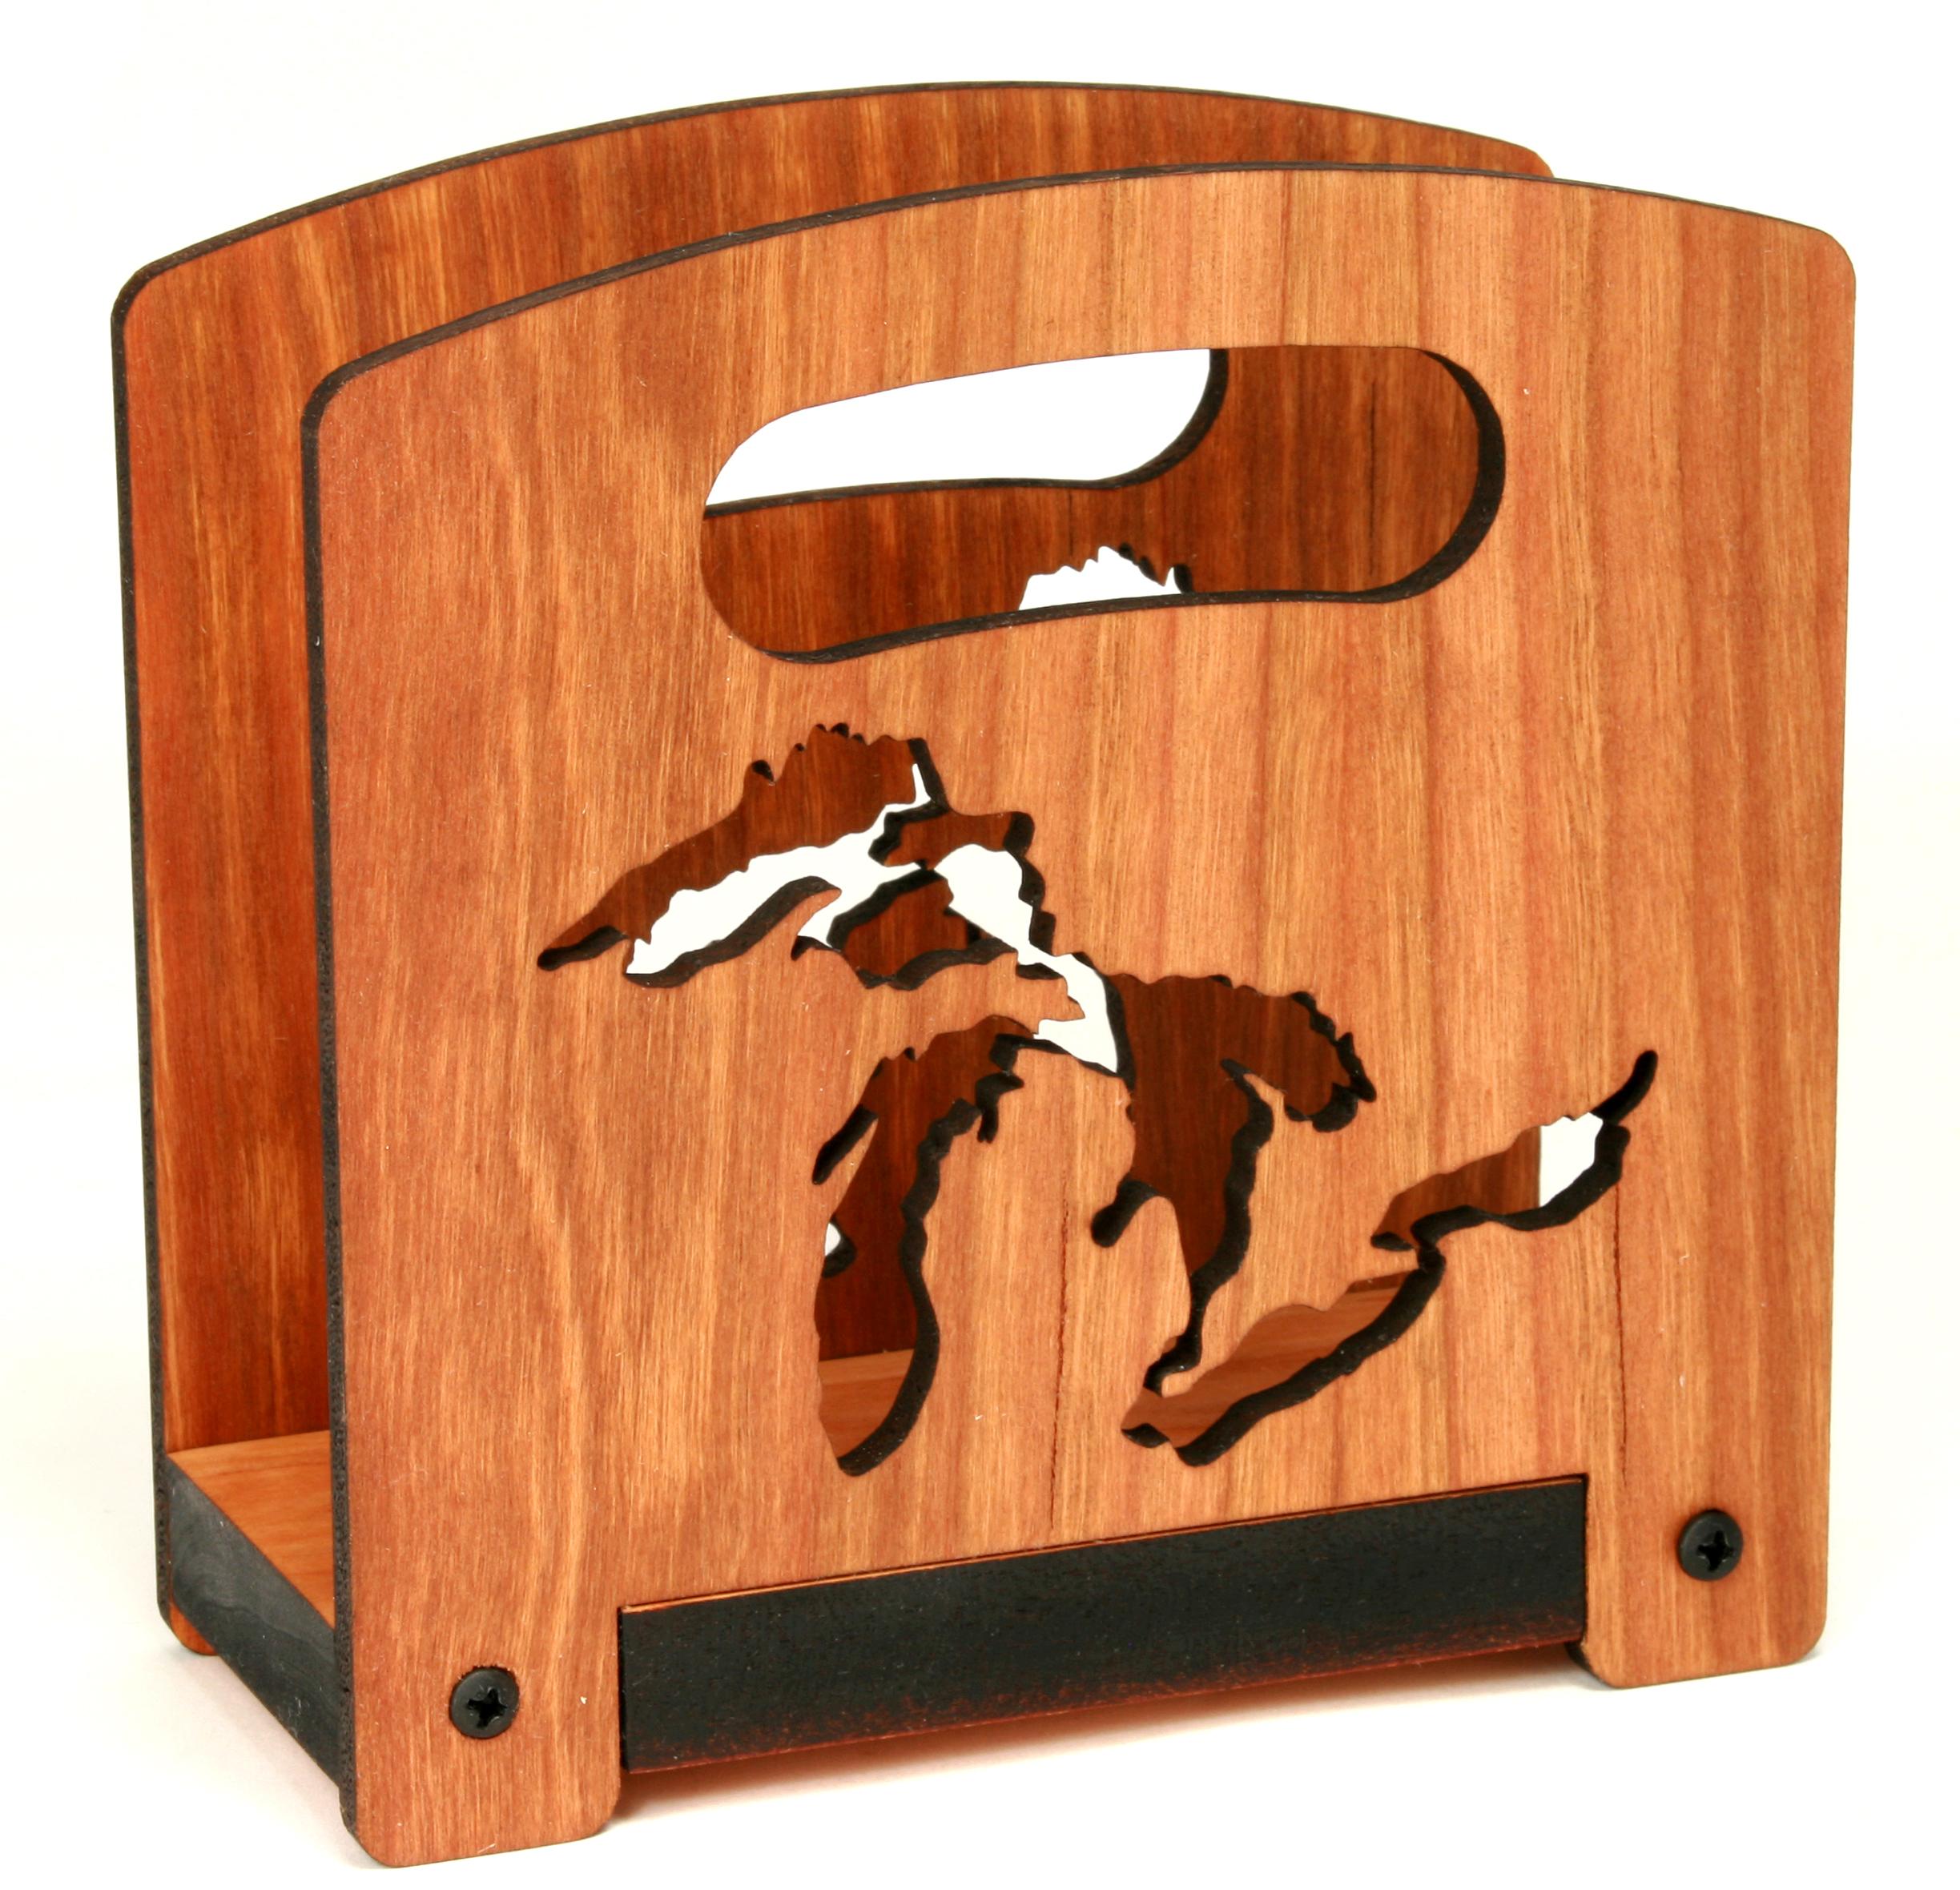 Wooden Napkin Holder G3 Studios